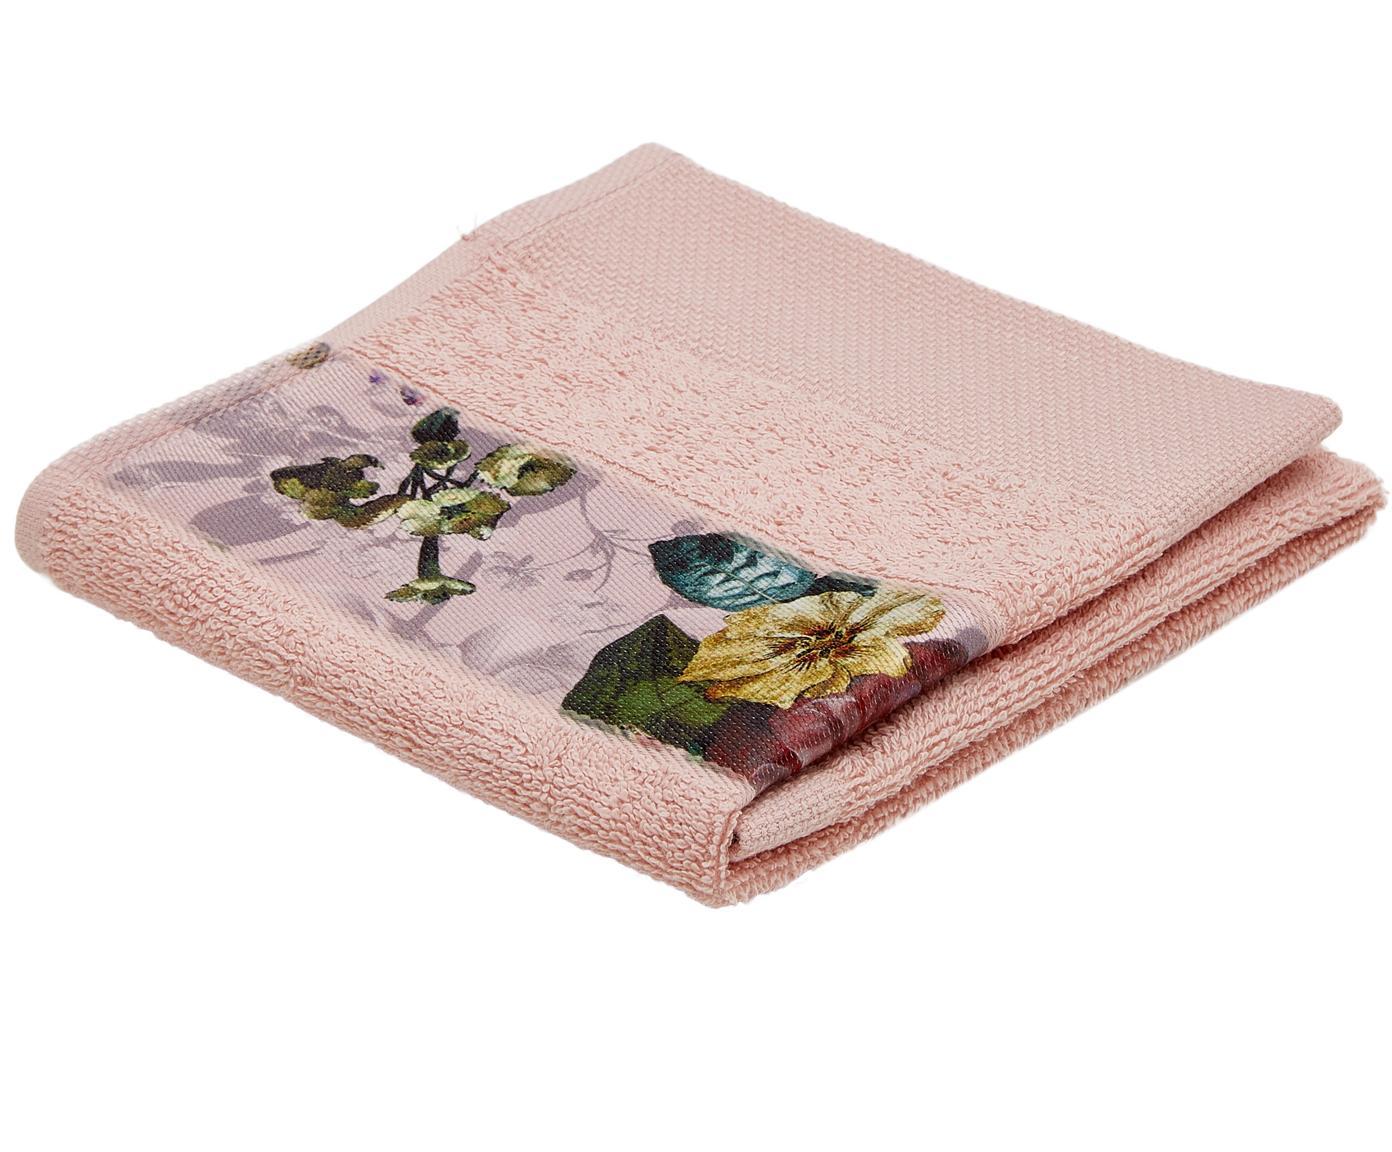 Ręcznik Fleur, 97% bawełna, 3% poliester, Blady różowy, wielobarwny, Ręcznik dla gości